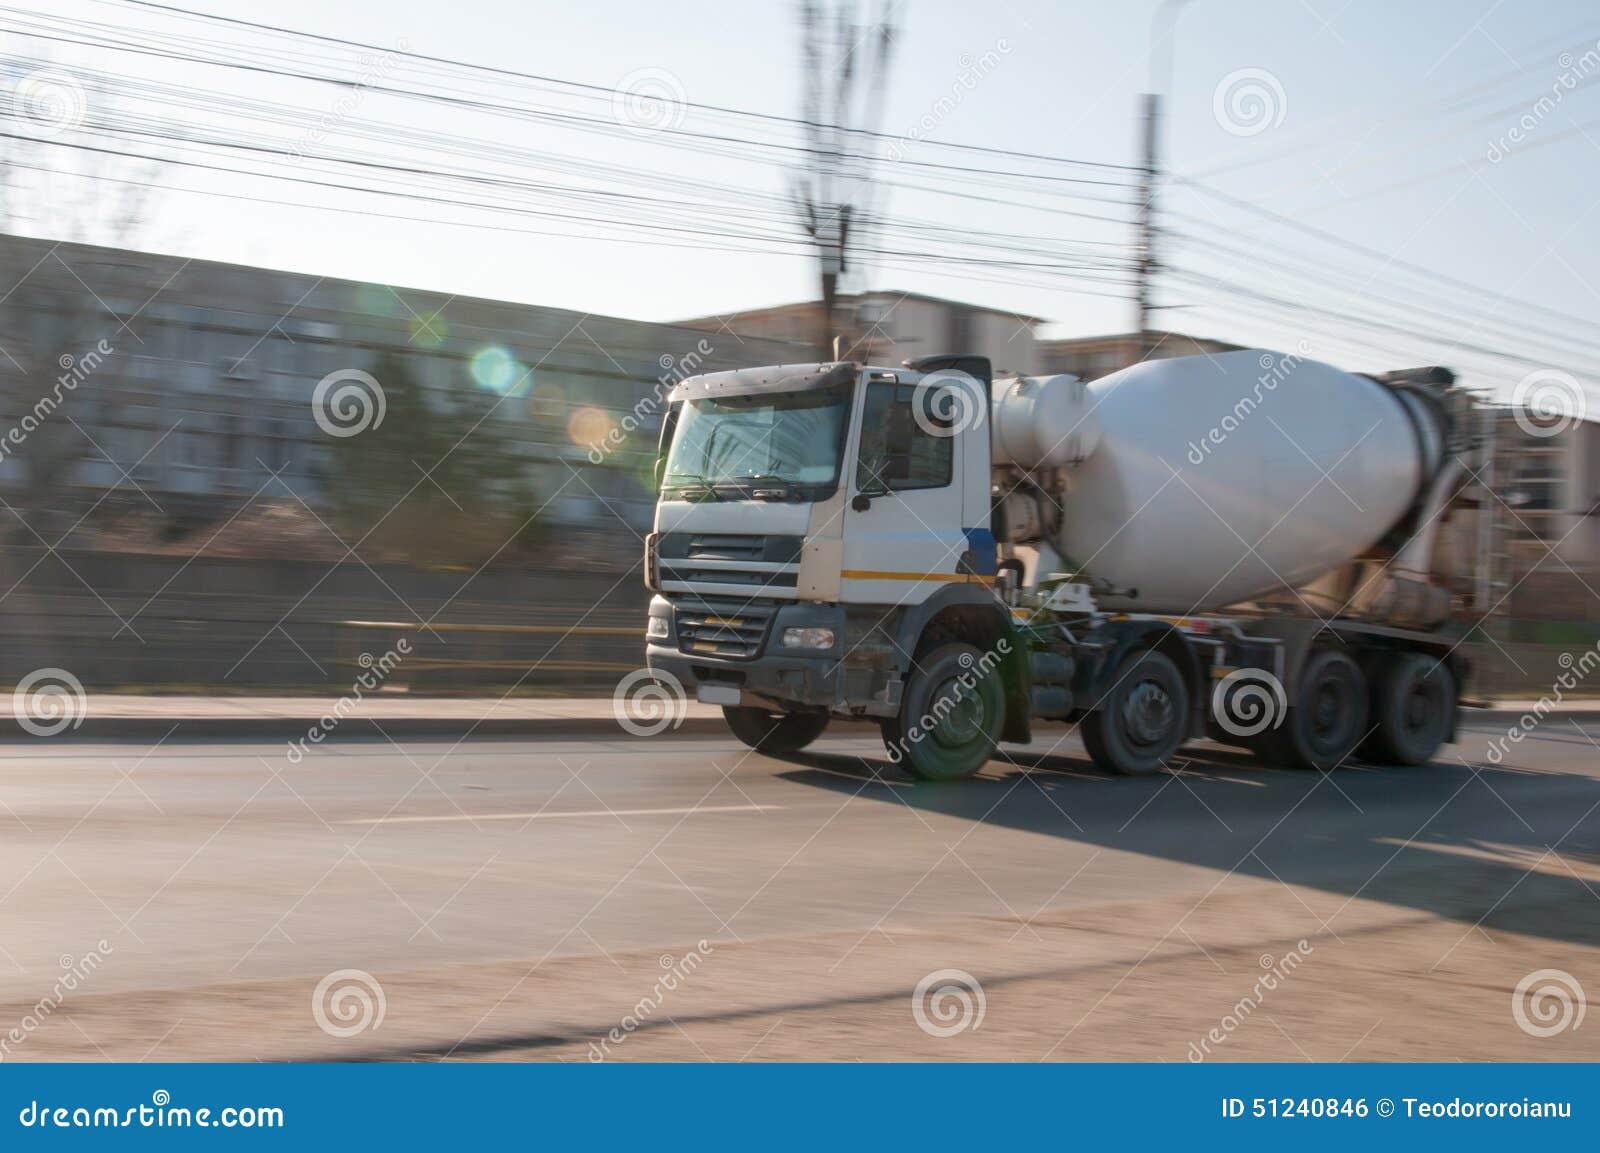 Rushing cement truck